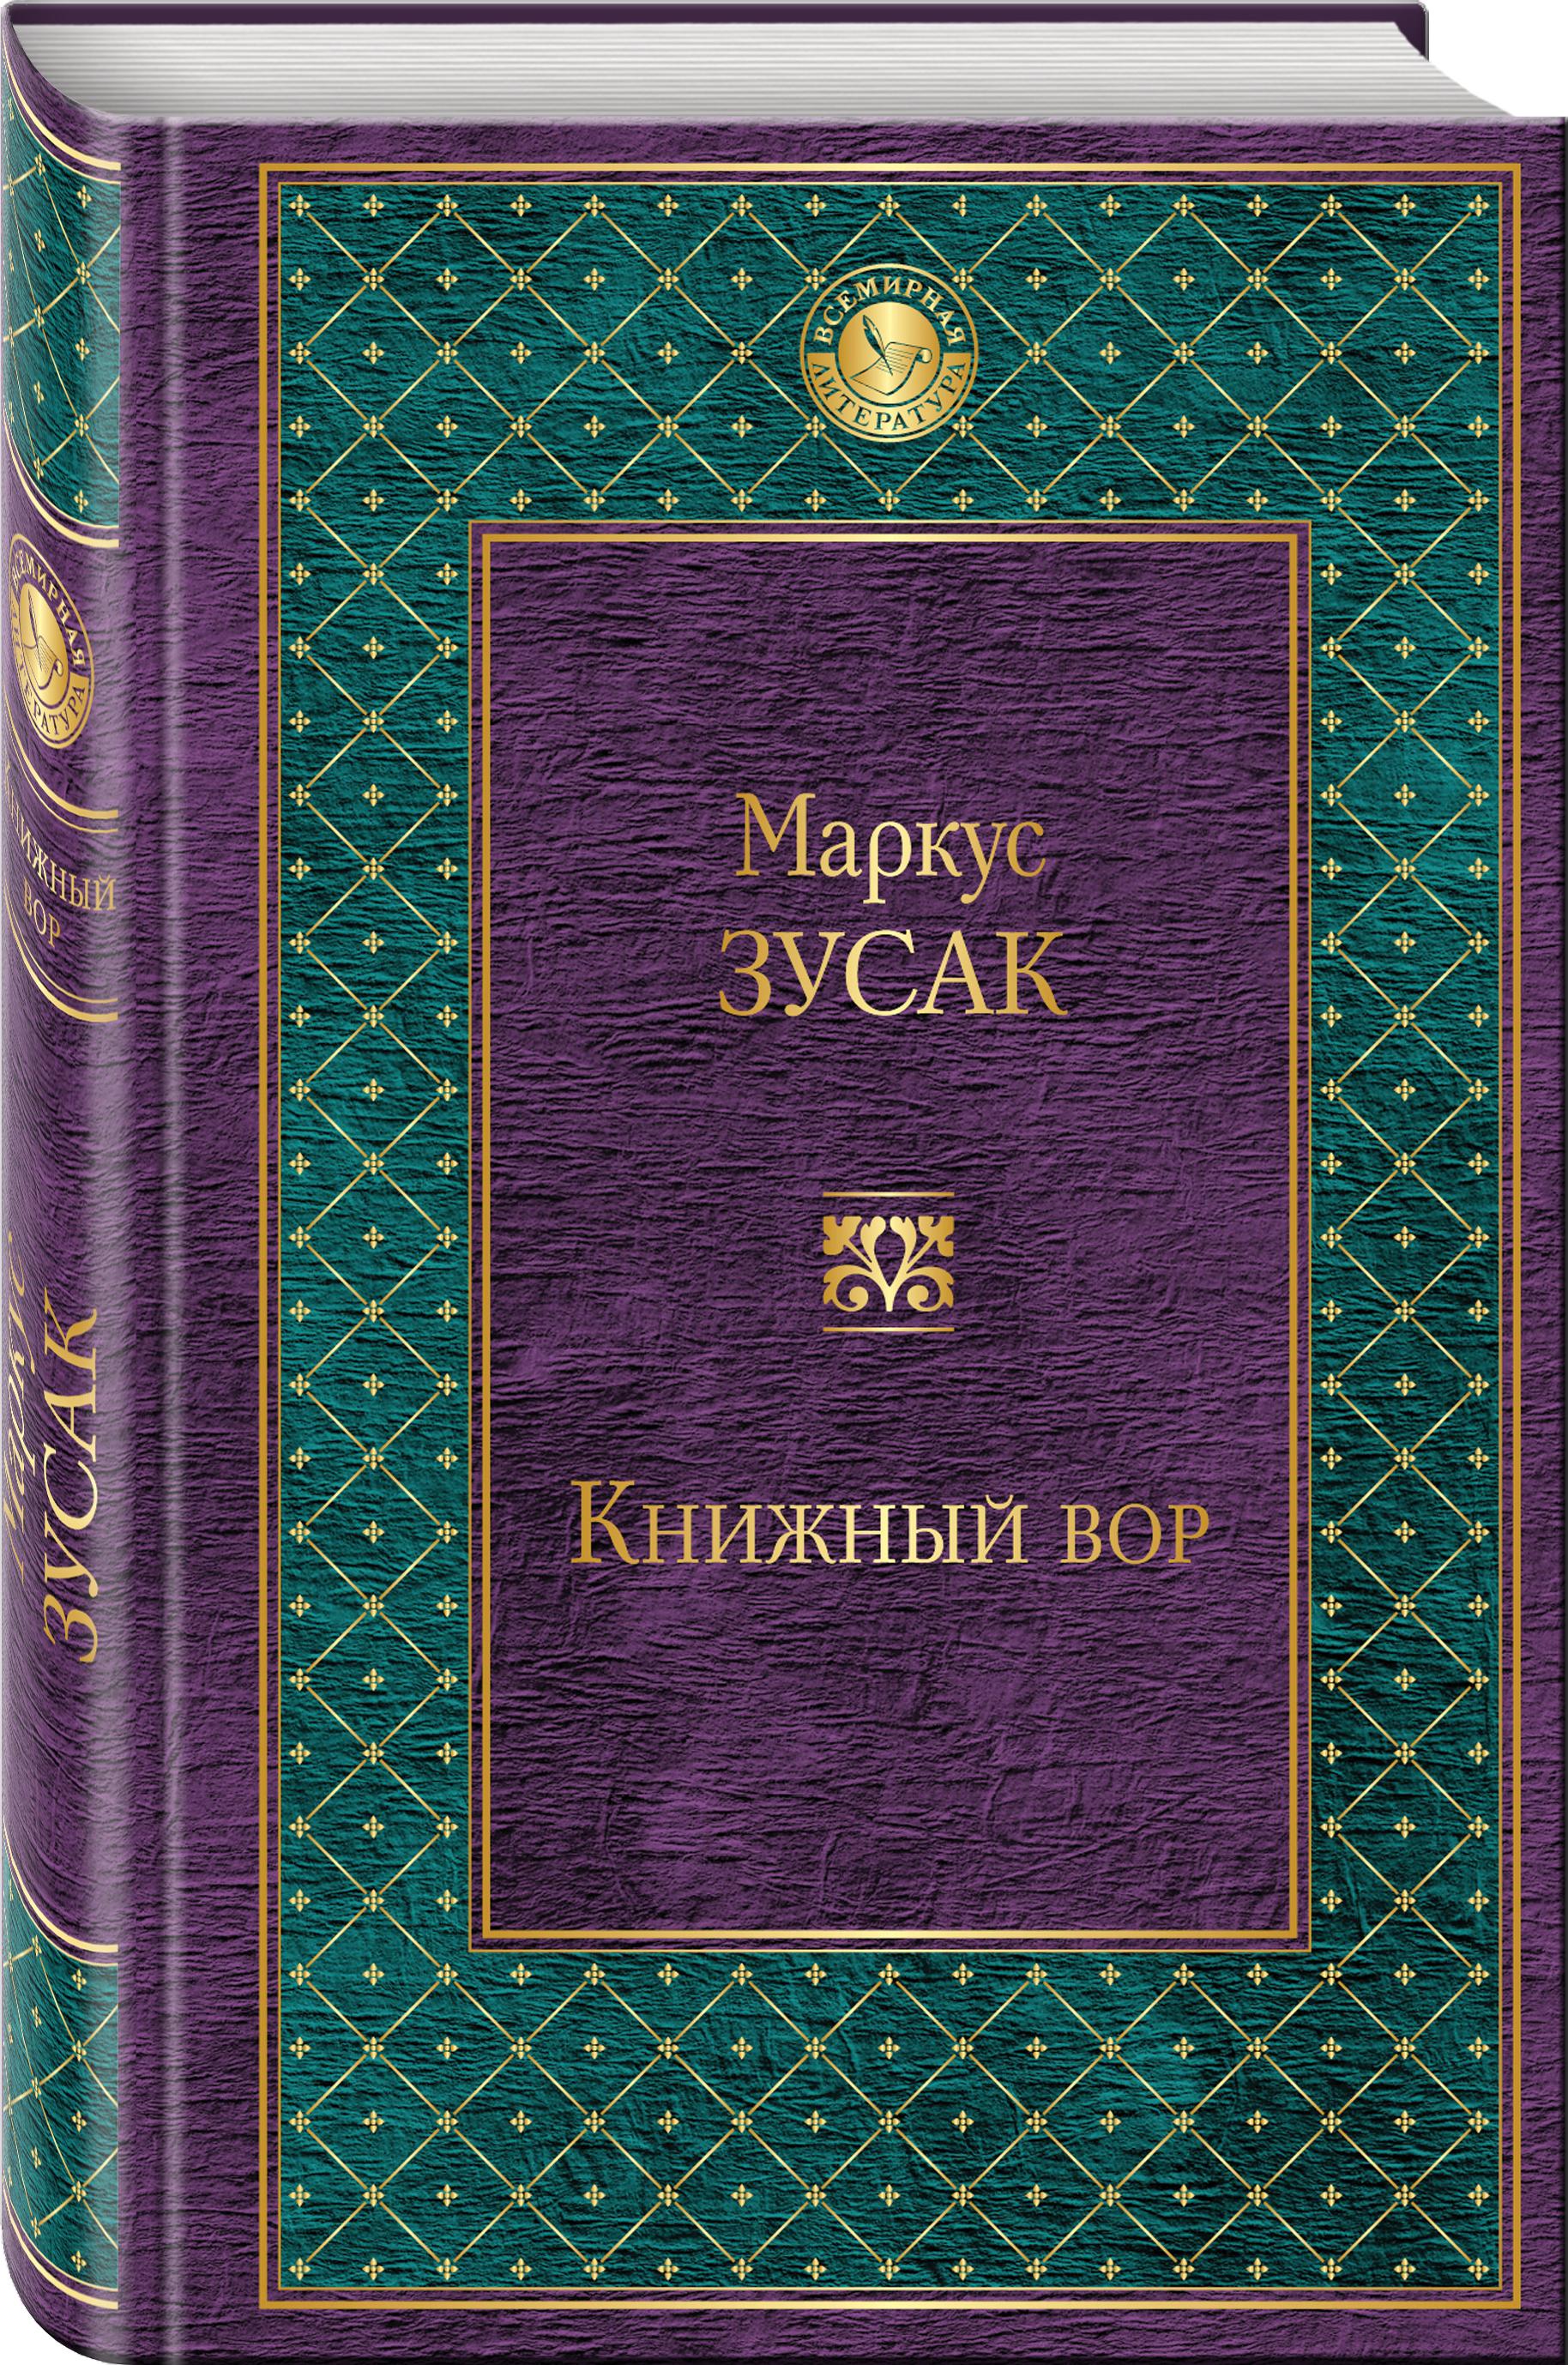 М. Зусак Книжный вор